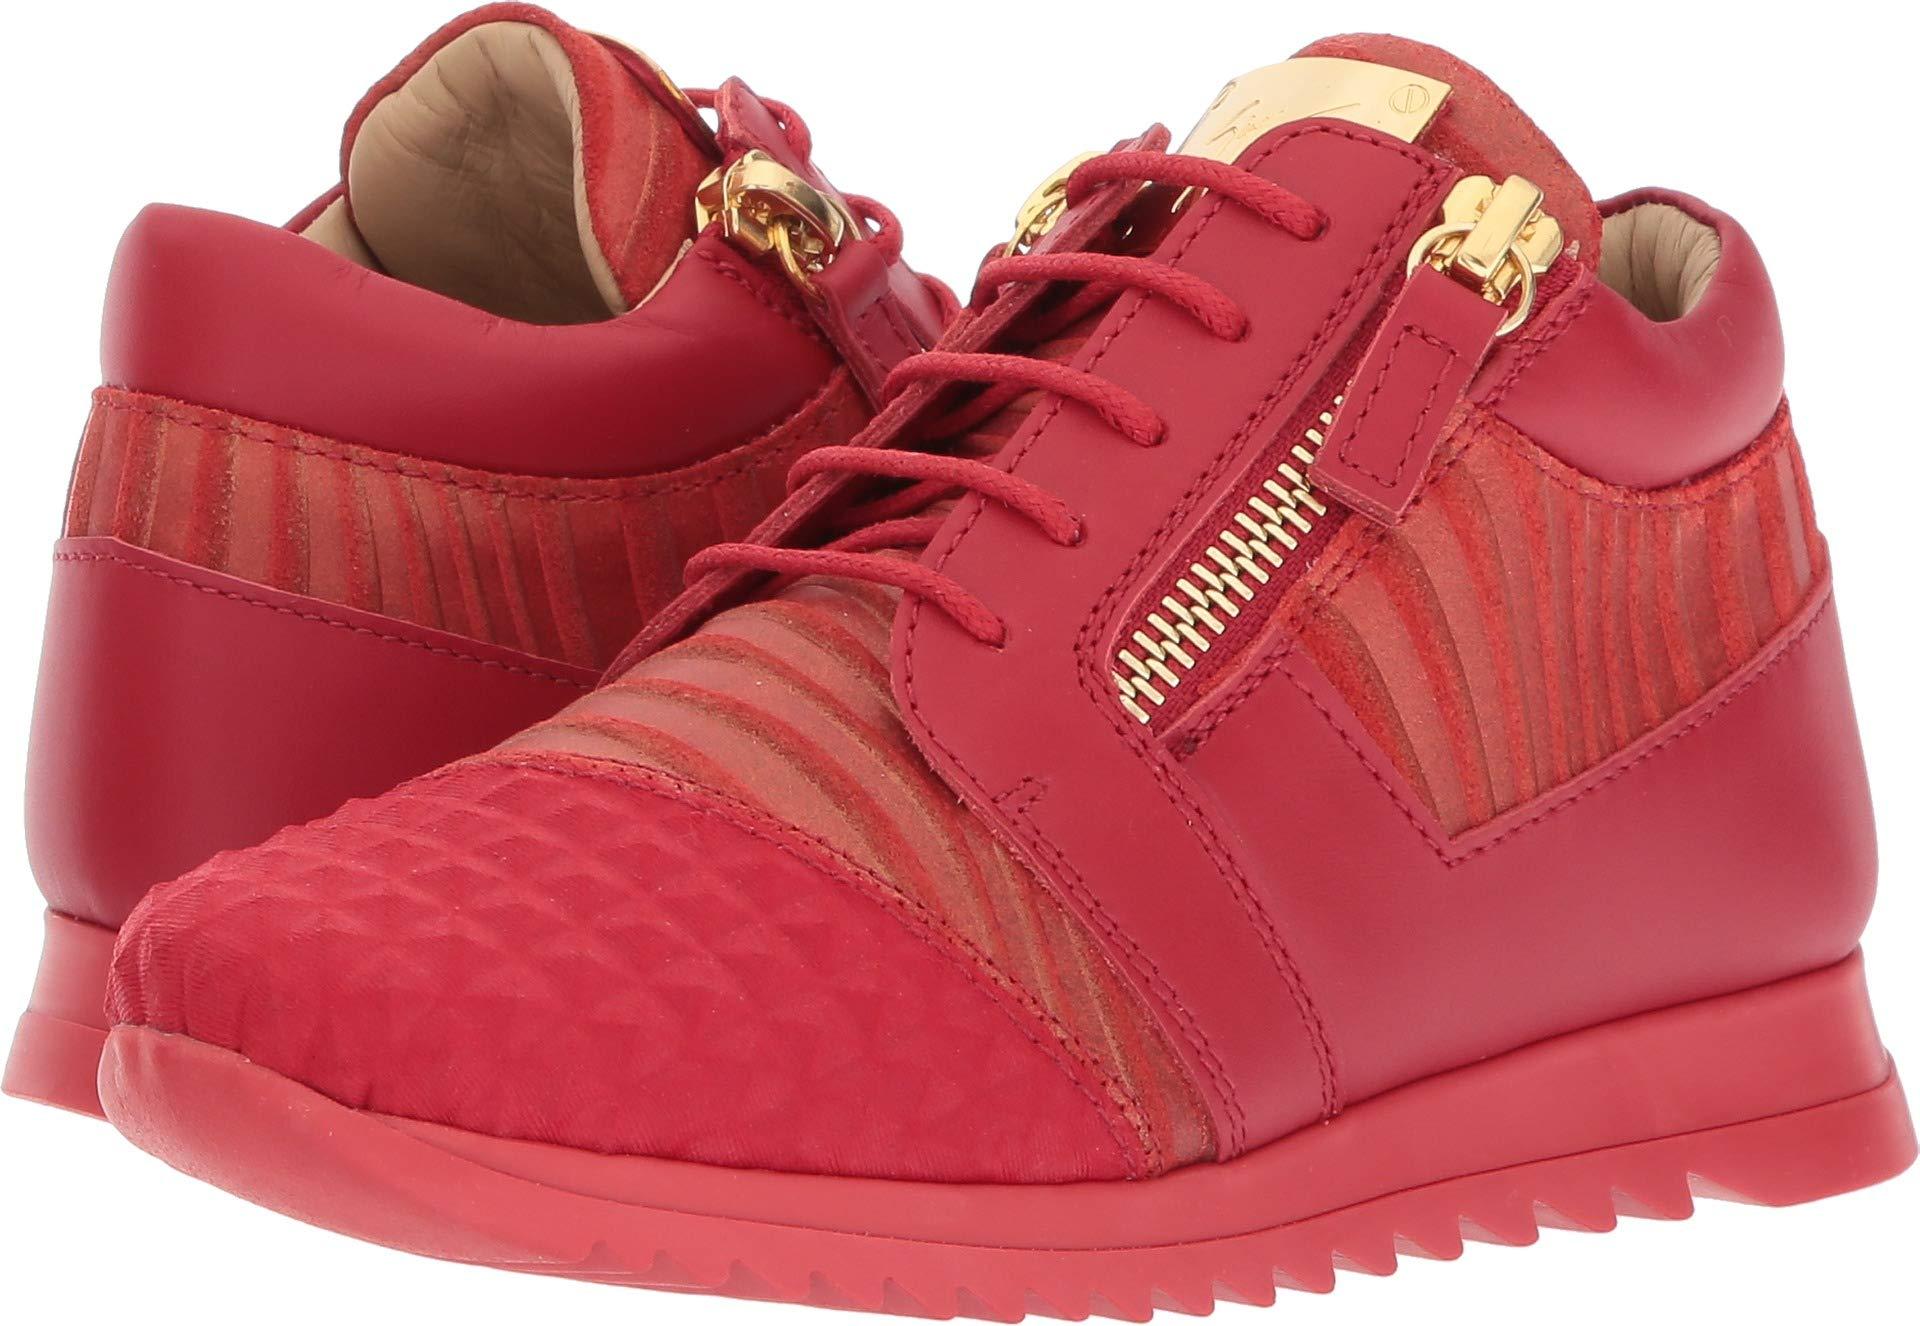 Giuseppe Zanotti Kids Unisex Stud Sneaker (Toddler/Little Kid) Red 29 M EU M